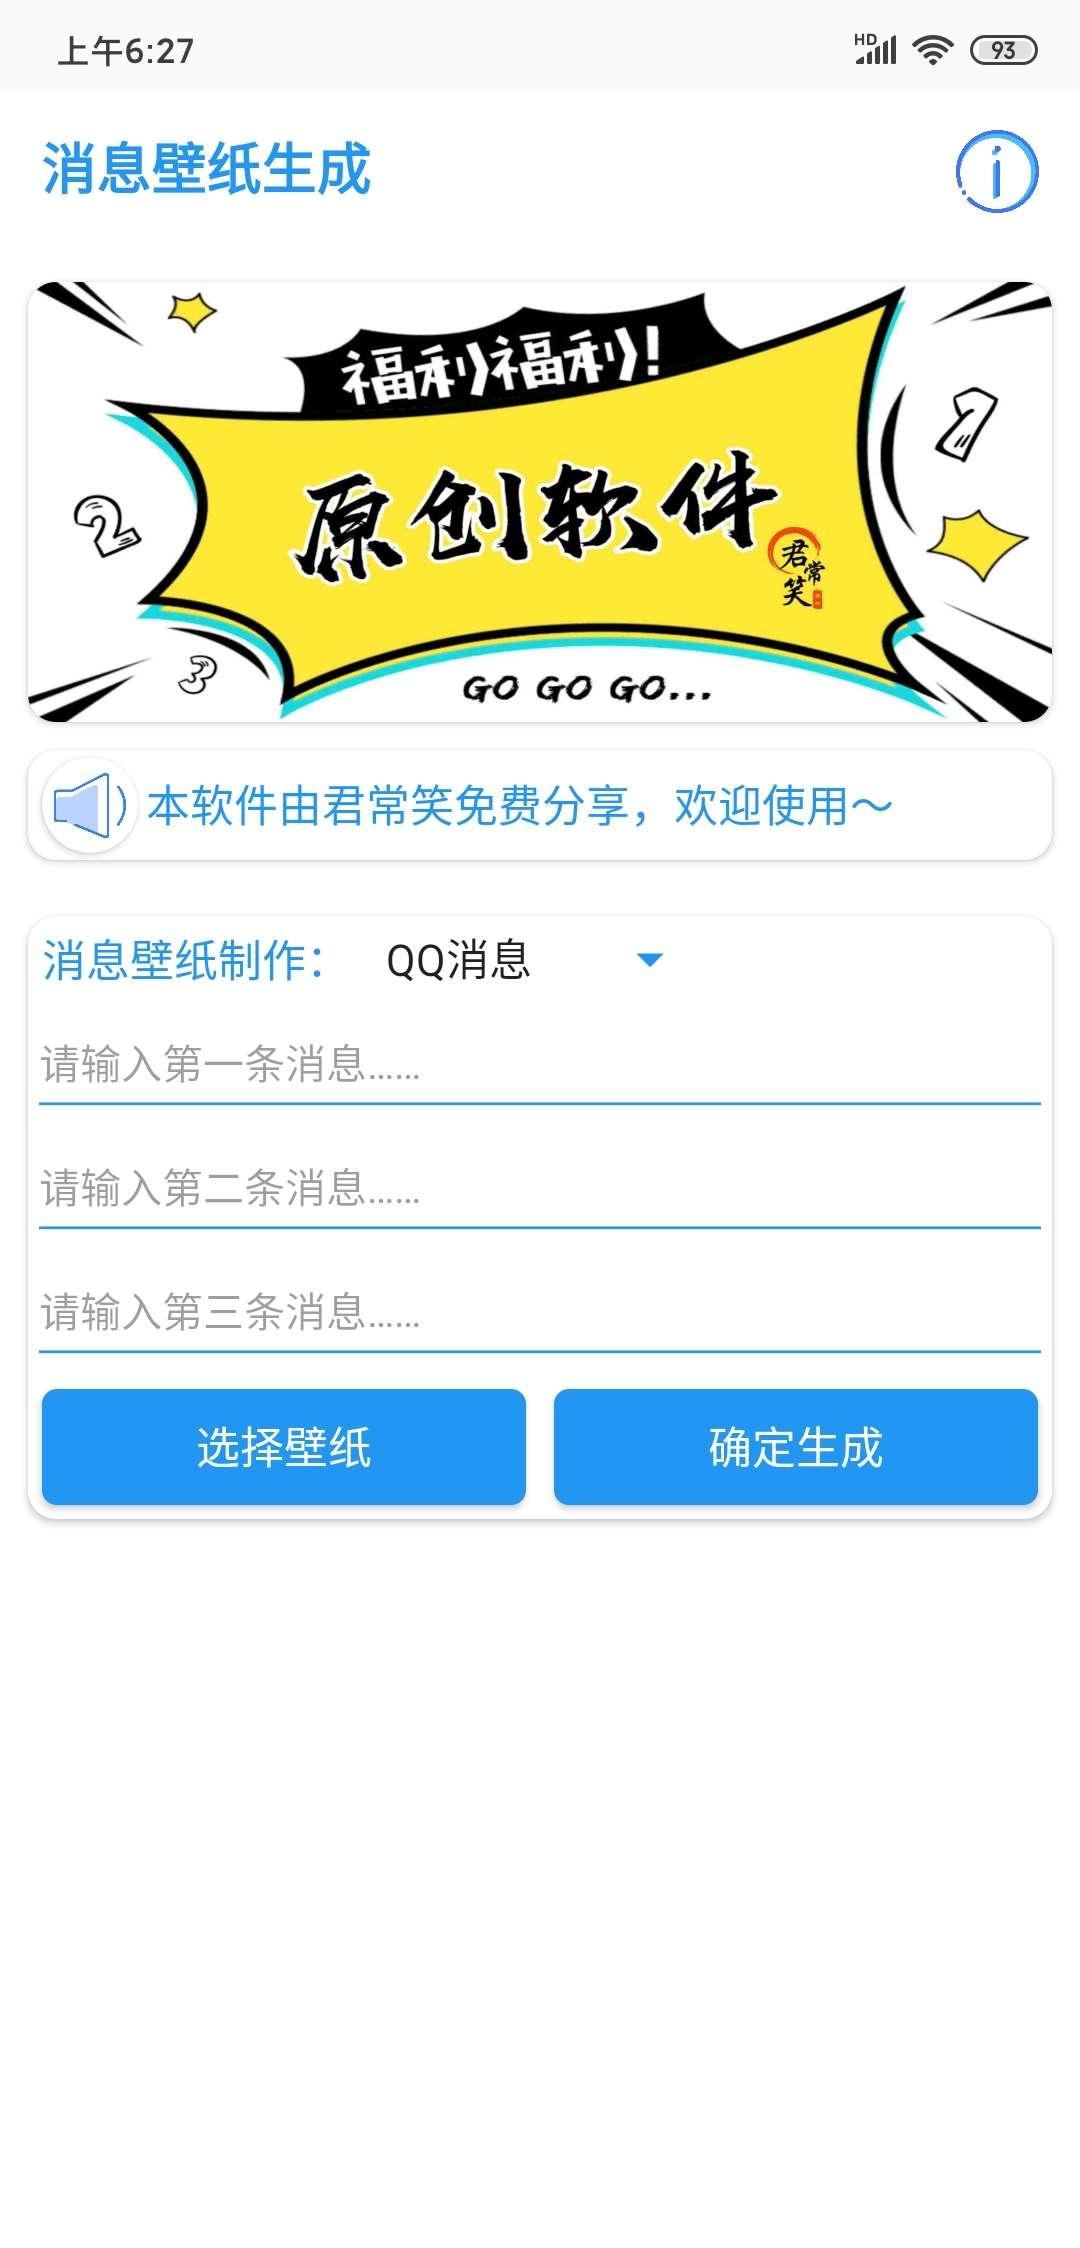 【原创开发】消息壁纸生成1.0 输入文字一键生成QQ微信消息壁纸